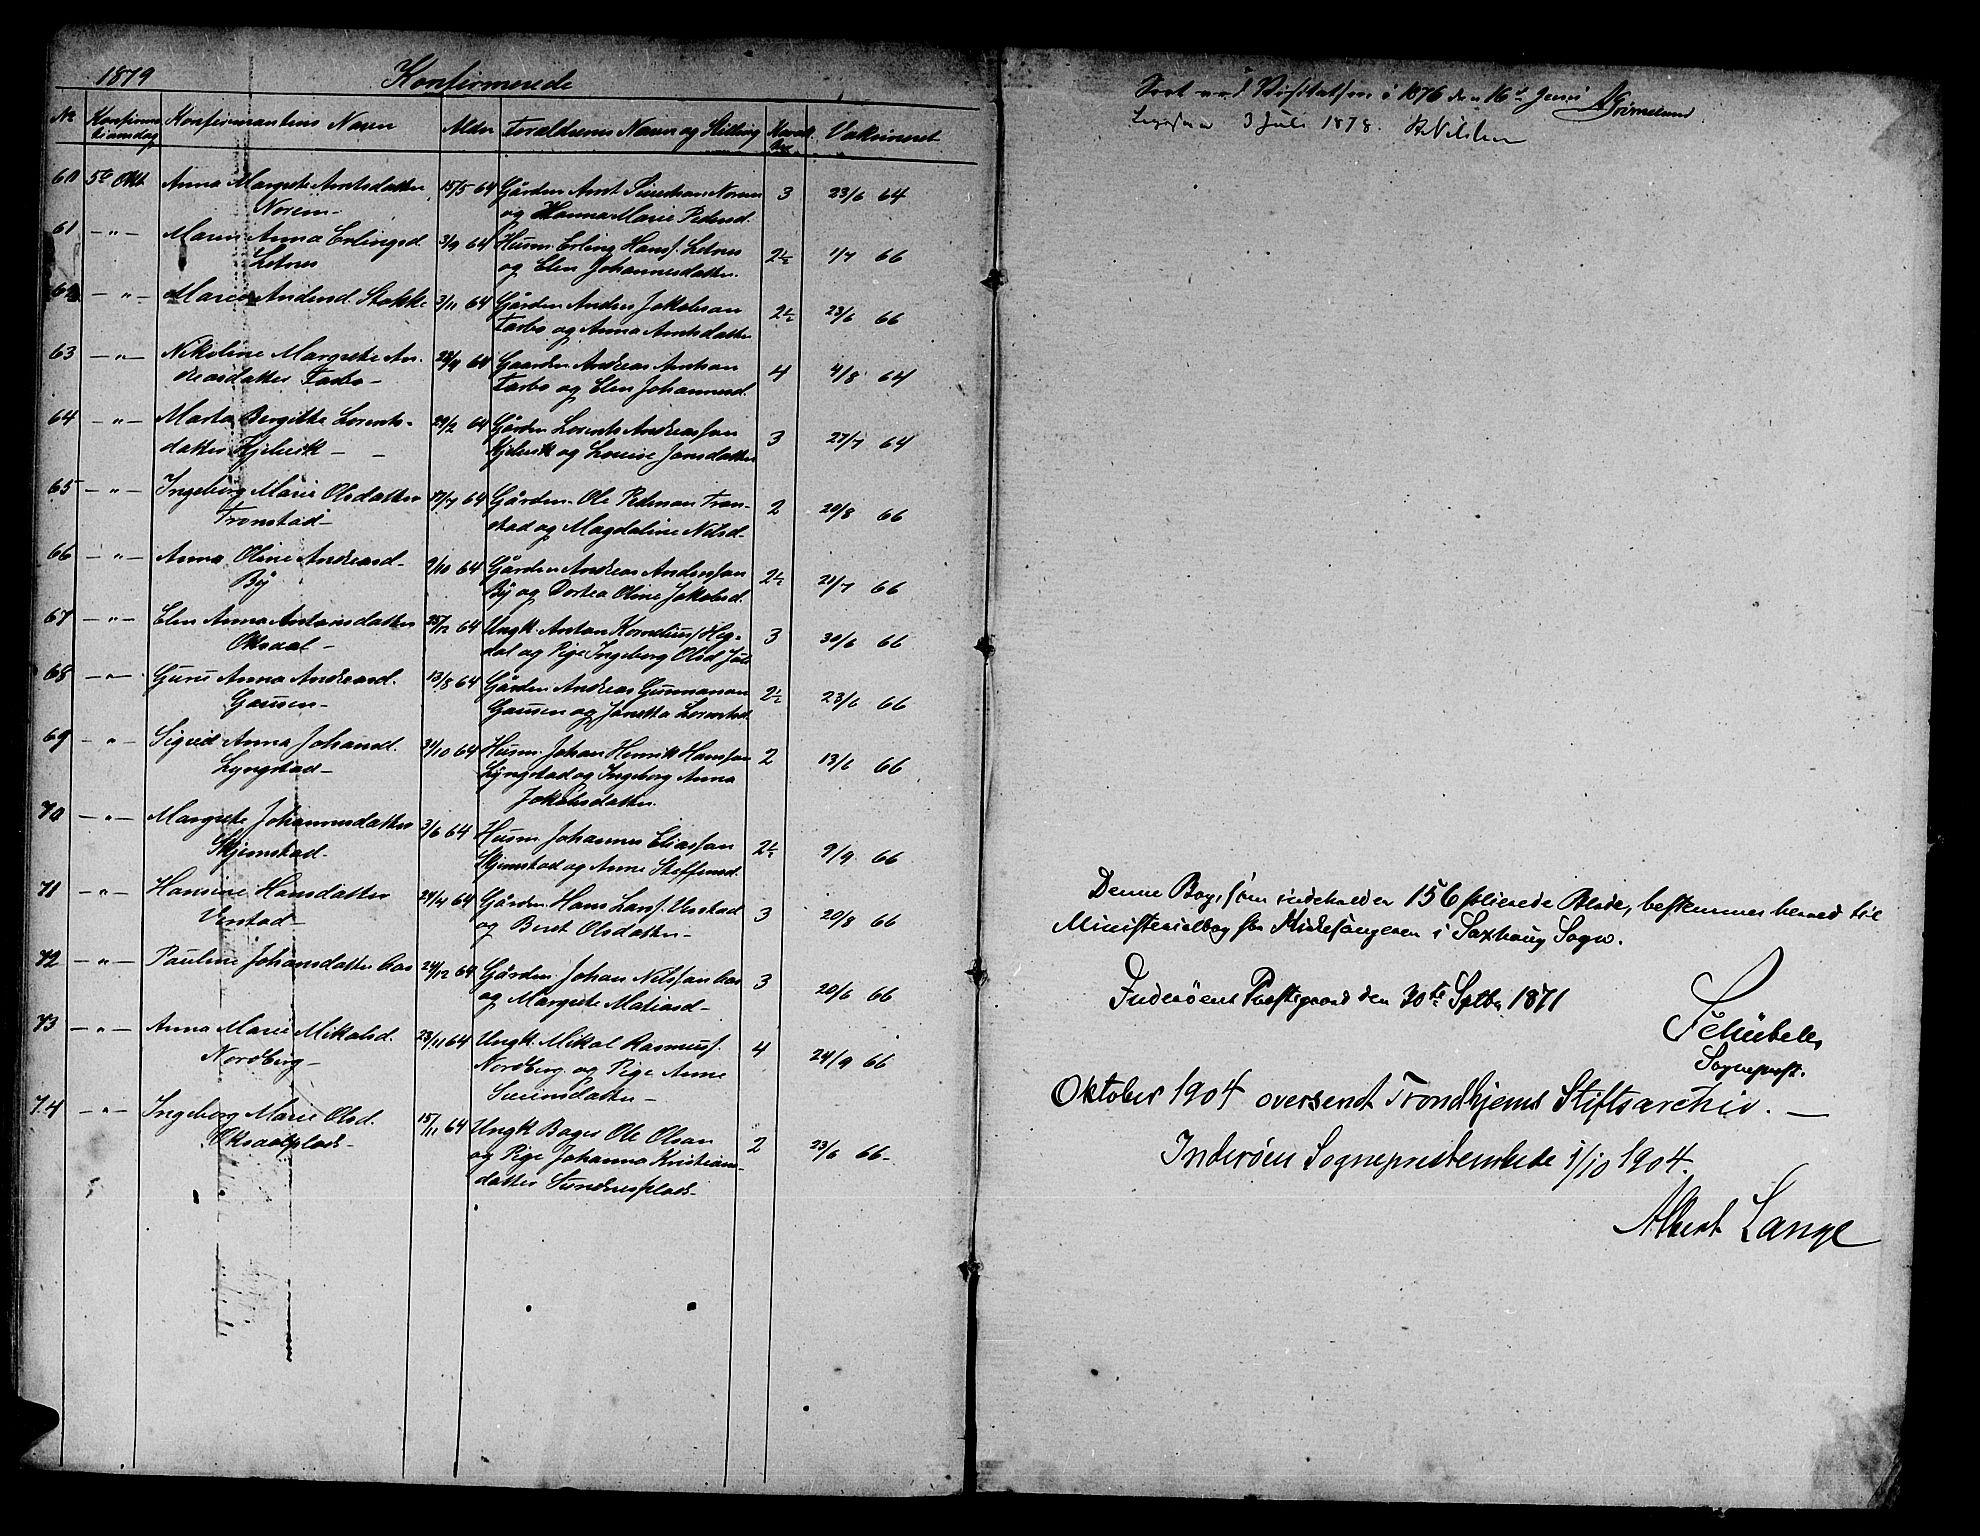 SAT, Ministerialprotokoller, klokkerbøker og fødselsregistre - Nord-Trøndelag, 730/L0300: Klokkerbok nr. 730C03, 1872-1879, s. 157